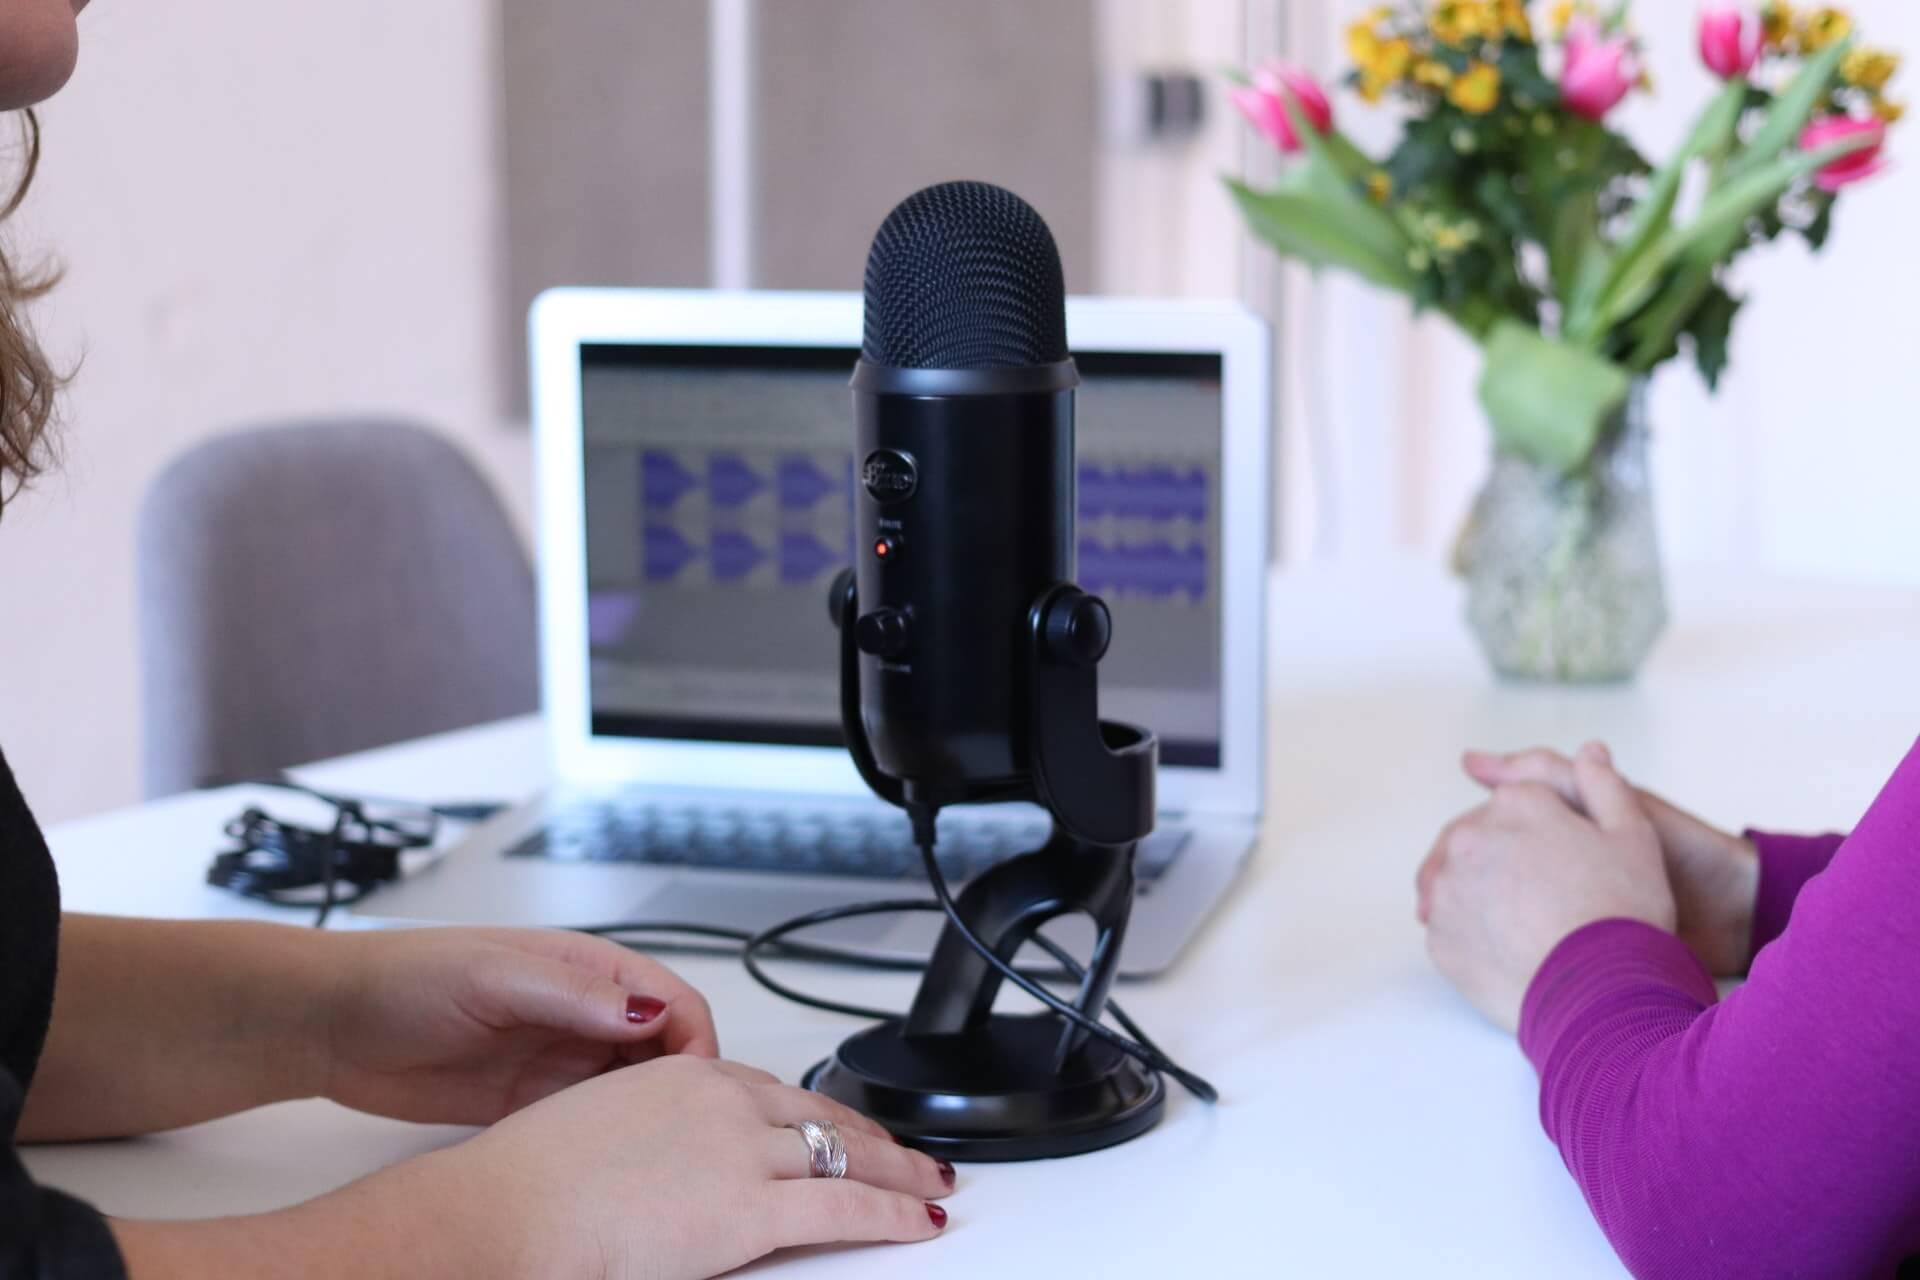 Pöydän ääressä on kaksi ihmistä selin kameraan. Heistä näkyy vain kädet. Pöydällä on myös mikrofoni ja tietokoneella näkyy äänitysohjelma. Pöydällä on myös värikkäitä kukkia.